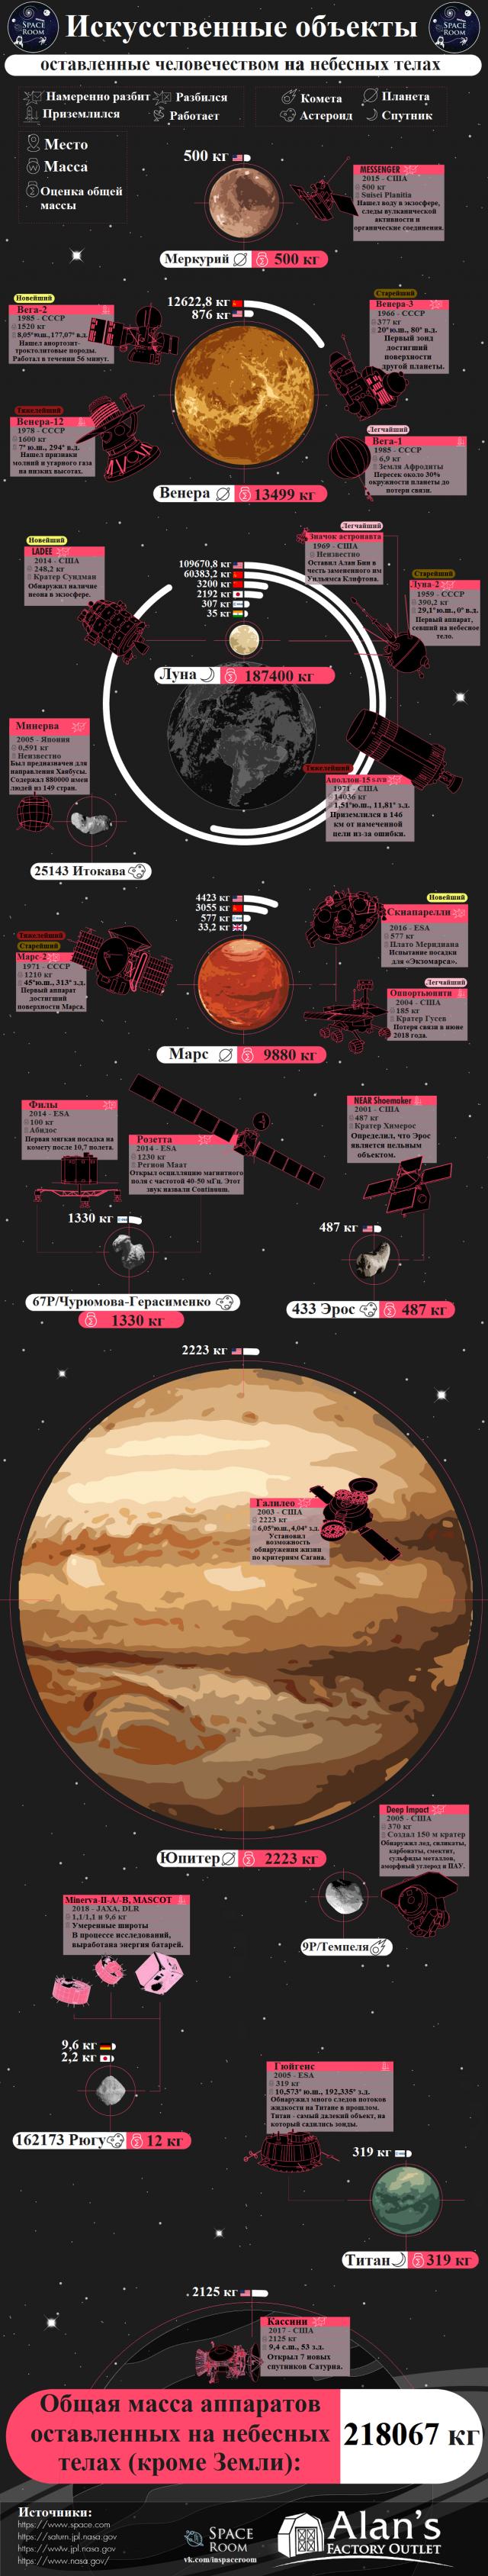 """Сколько аппаратов """"забыто"""" человечеством на далеких объектах Солнечной системы"""